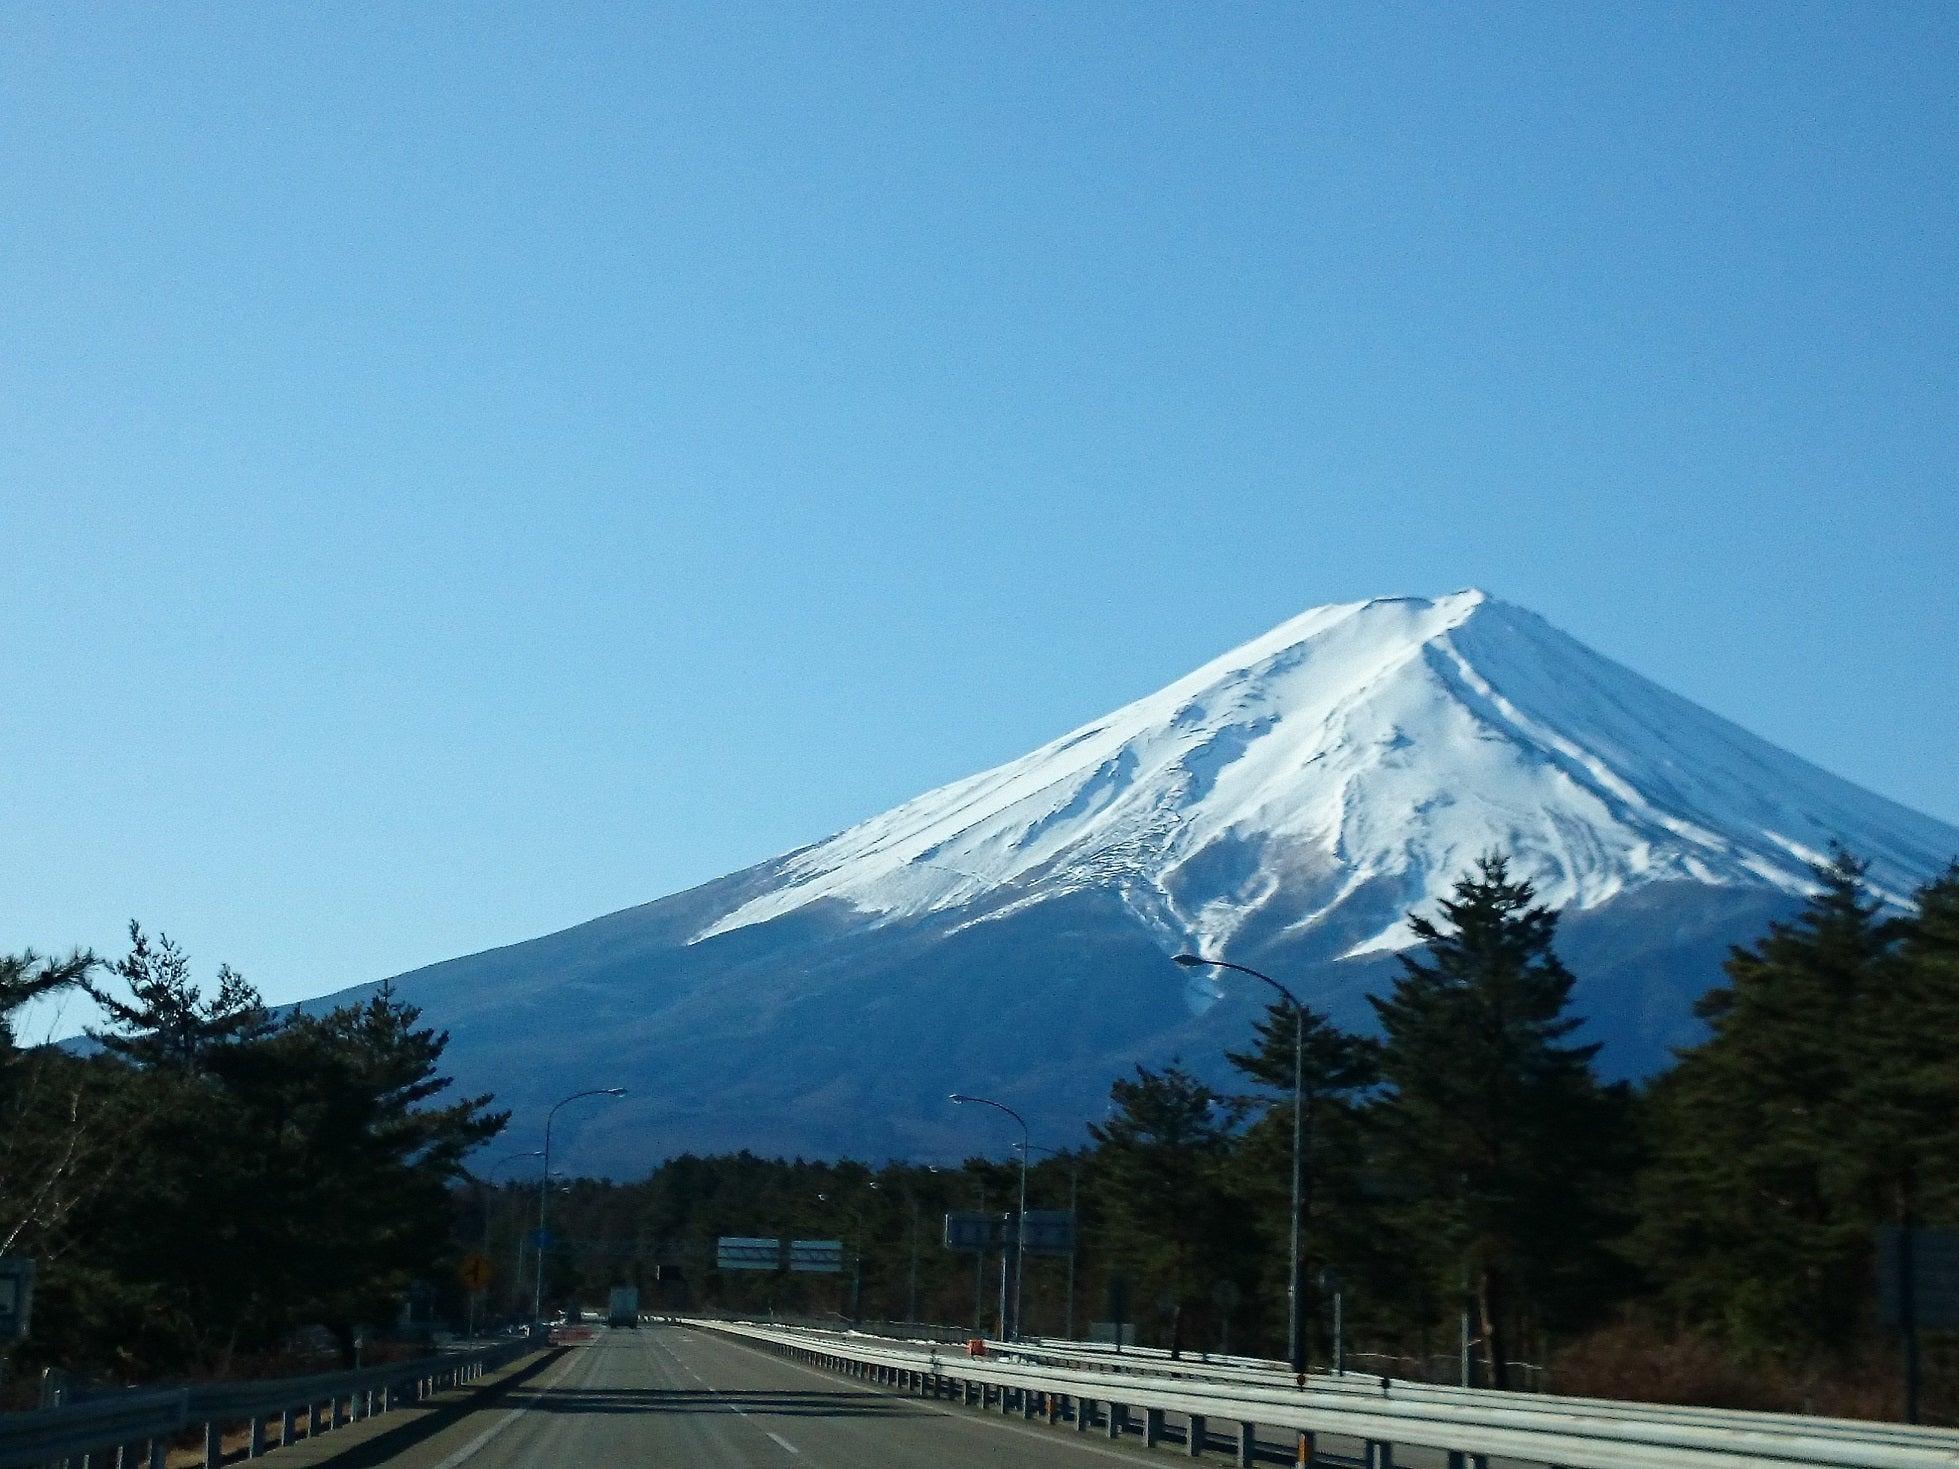 雪 の 富士山 へ go 富士山の基礎知識 - mlit.go.jp